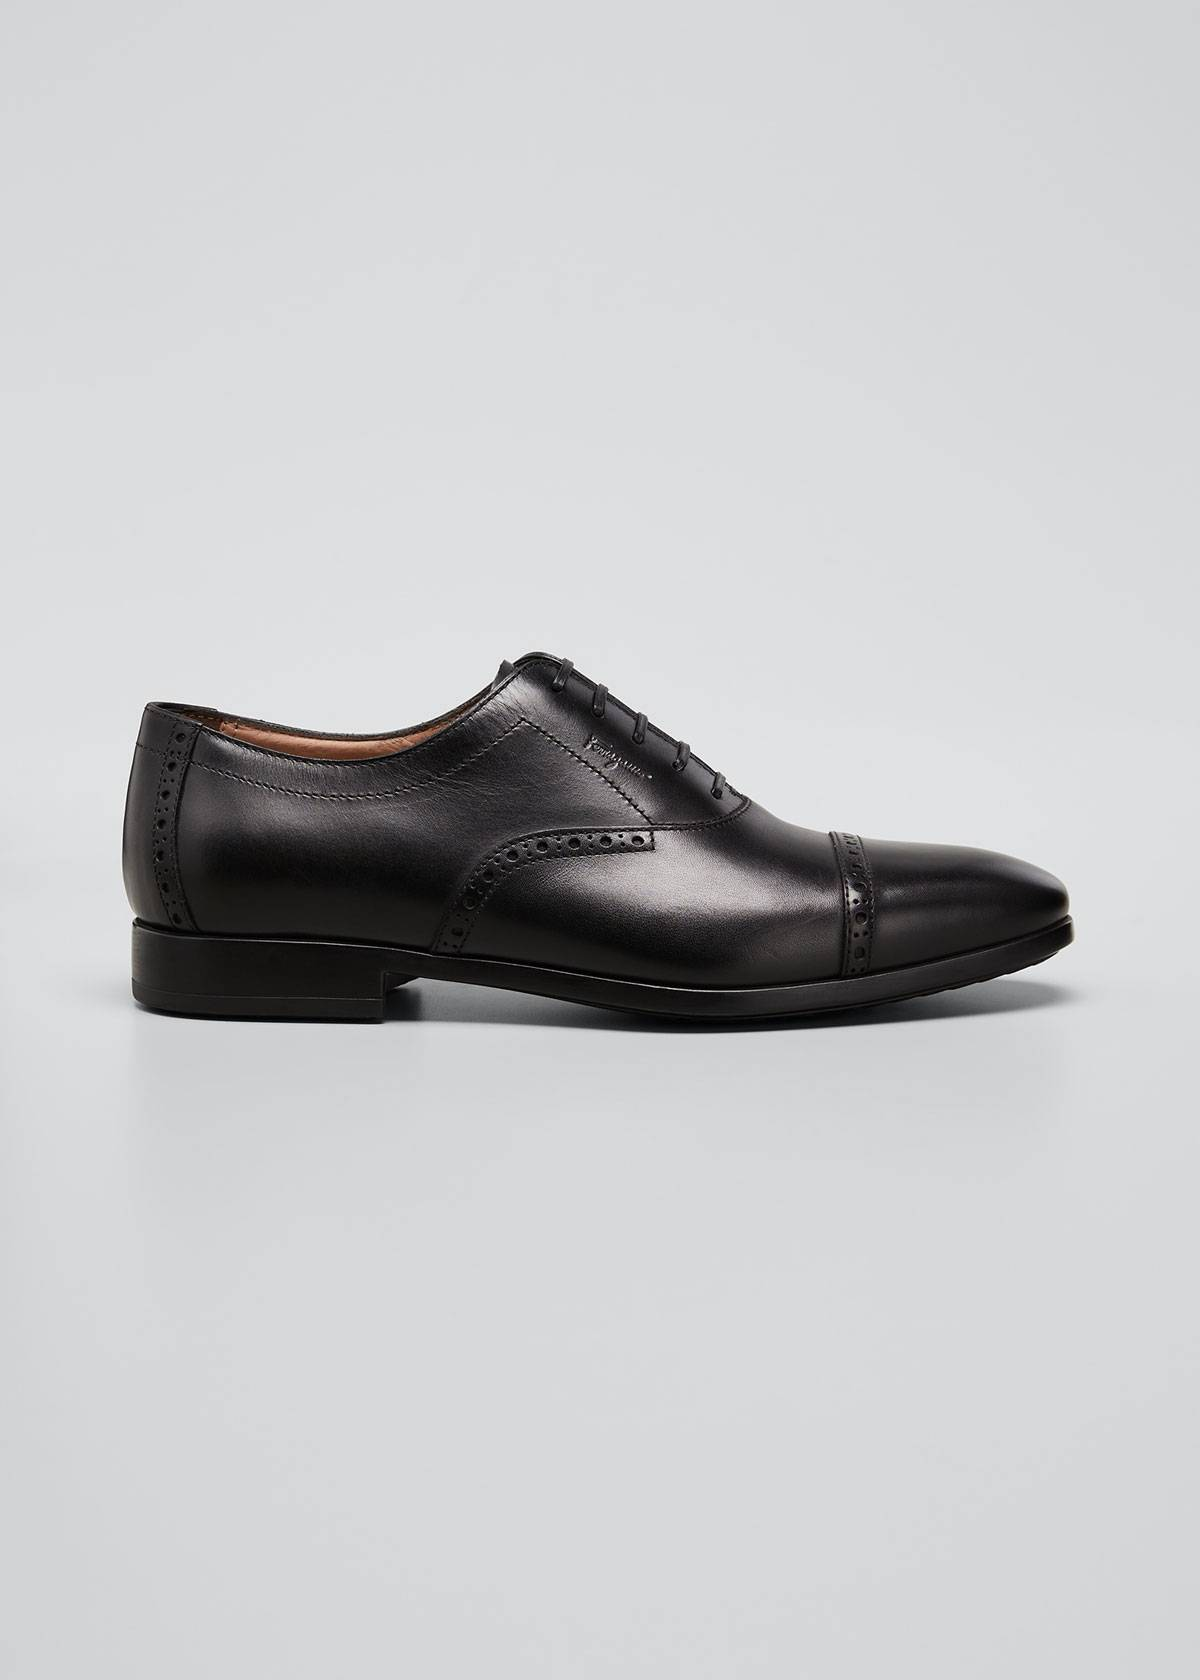 Salvatore Ferragamo Men's Saddle Leather Oxford Shoes  - NERO - Size: 12